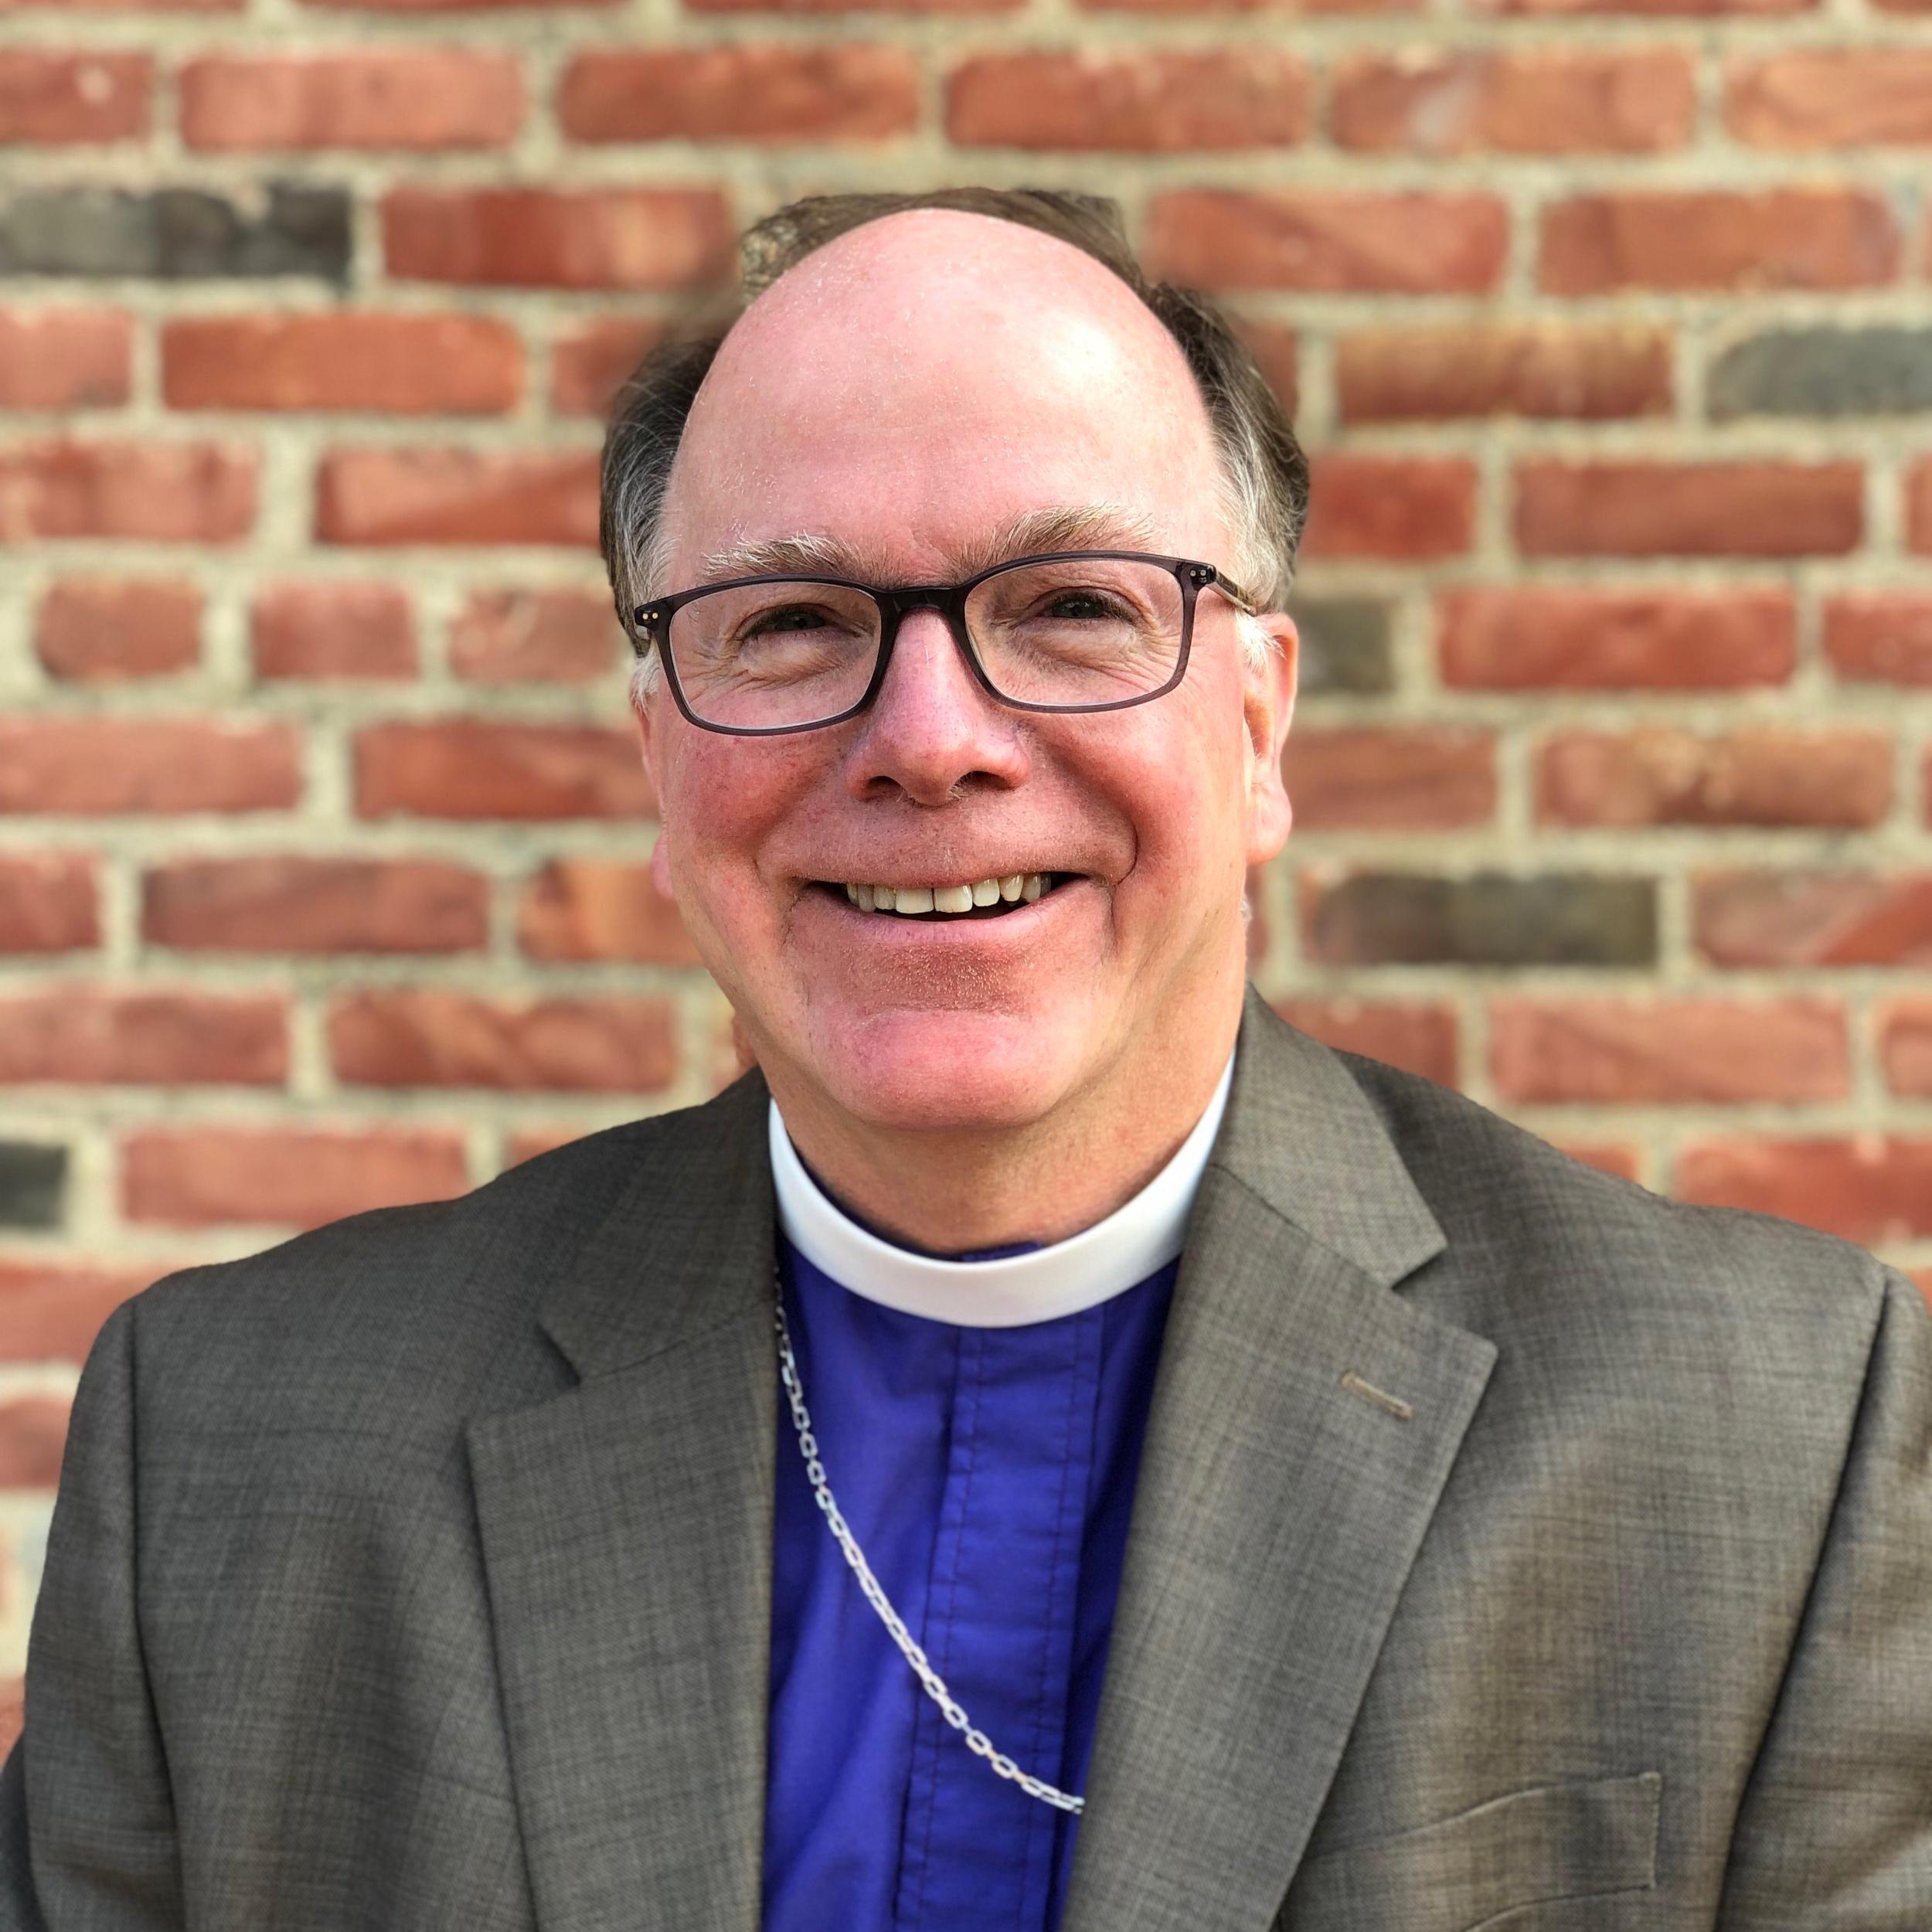 The Rt. Rev. Dr. Douglas E. Sparks   Bishop  bishop.sparks@ednin.org